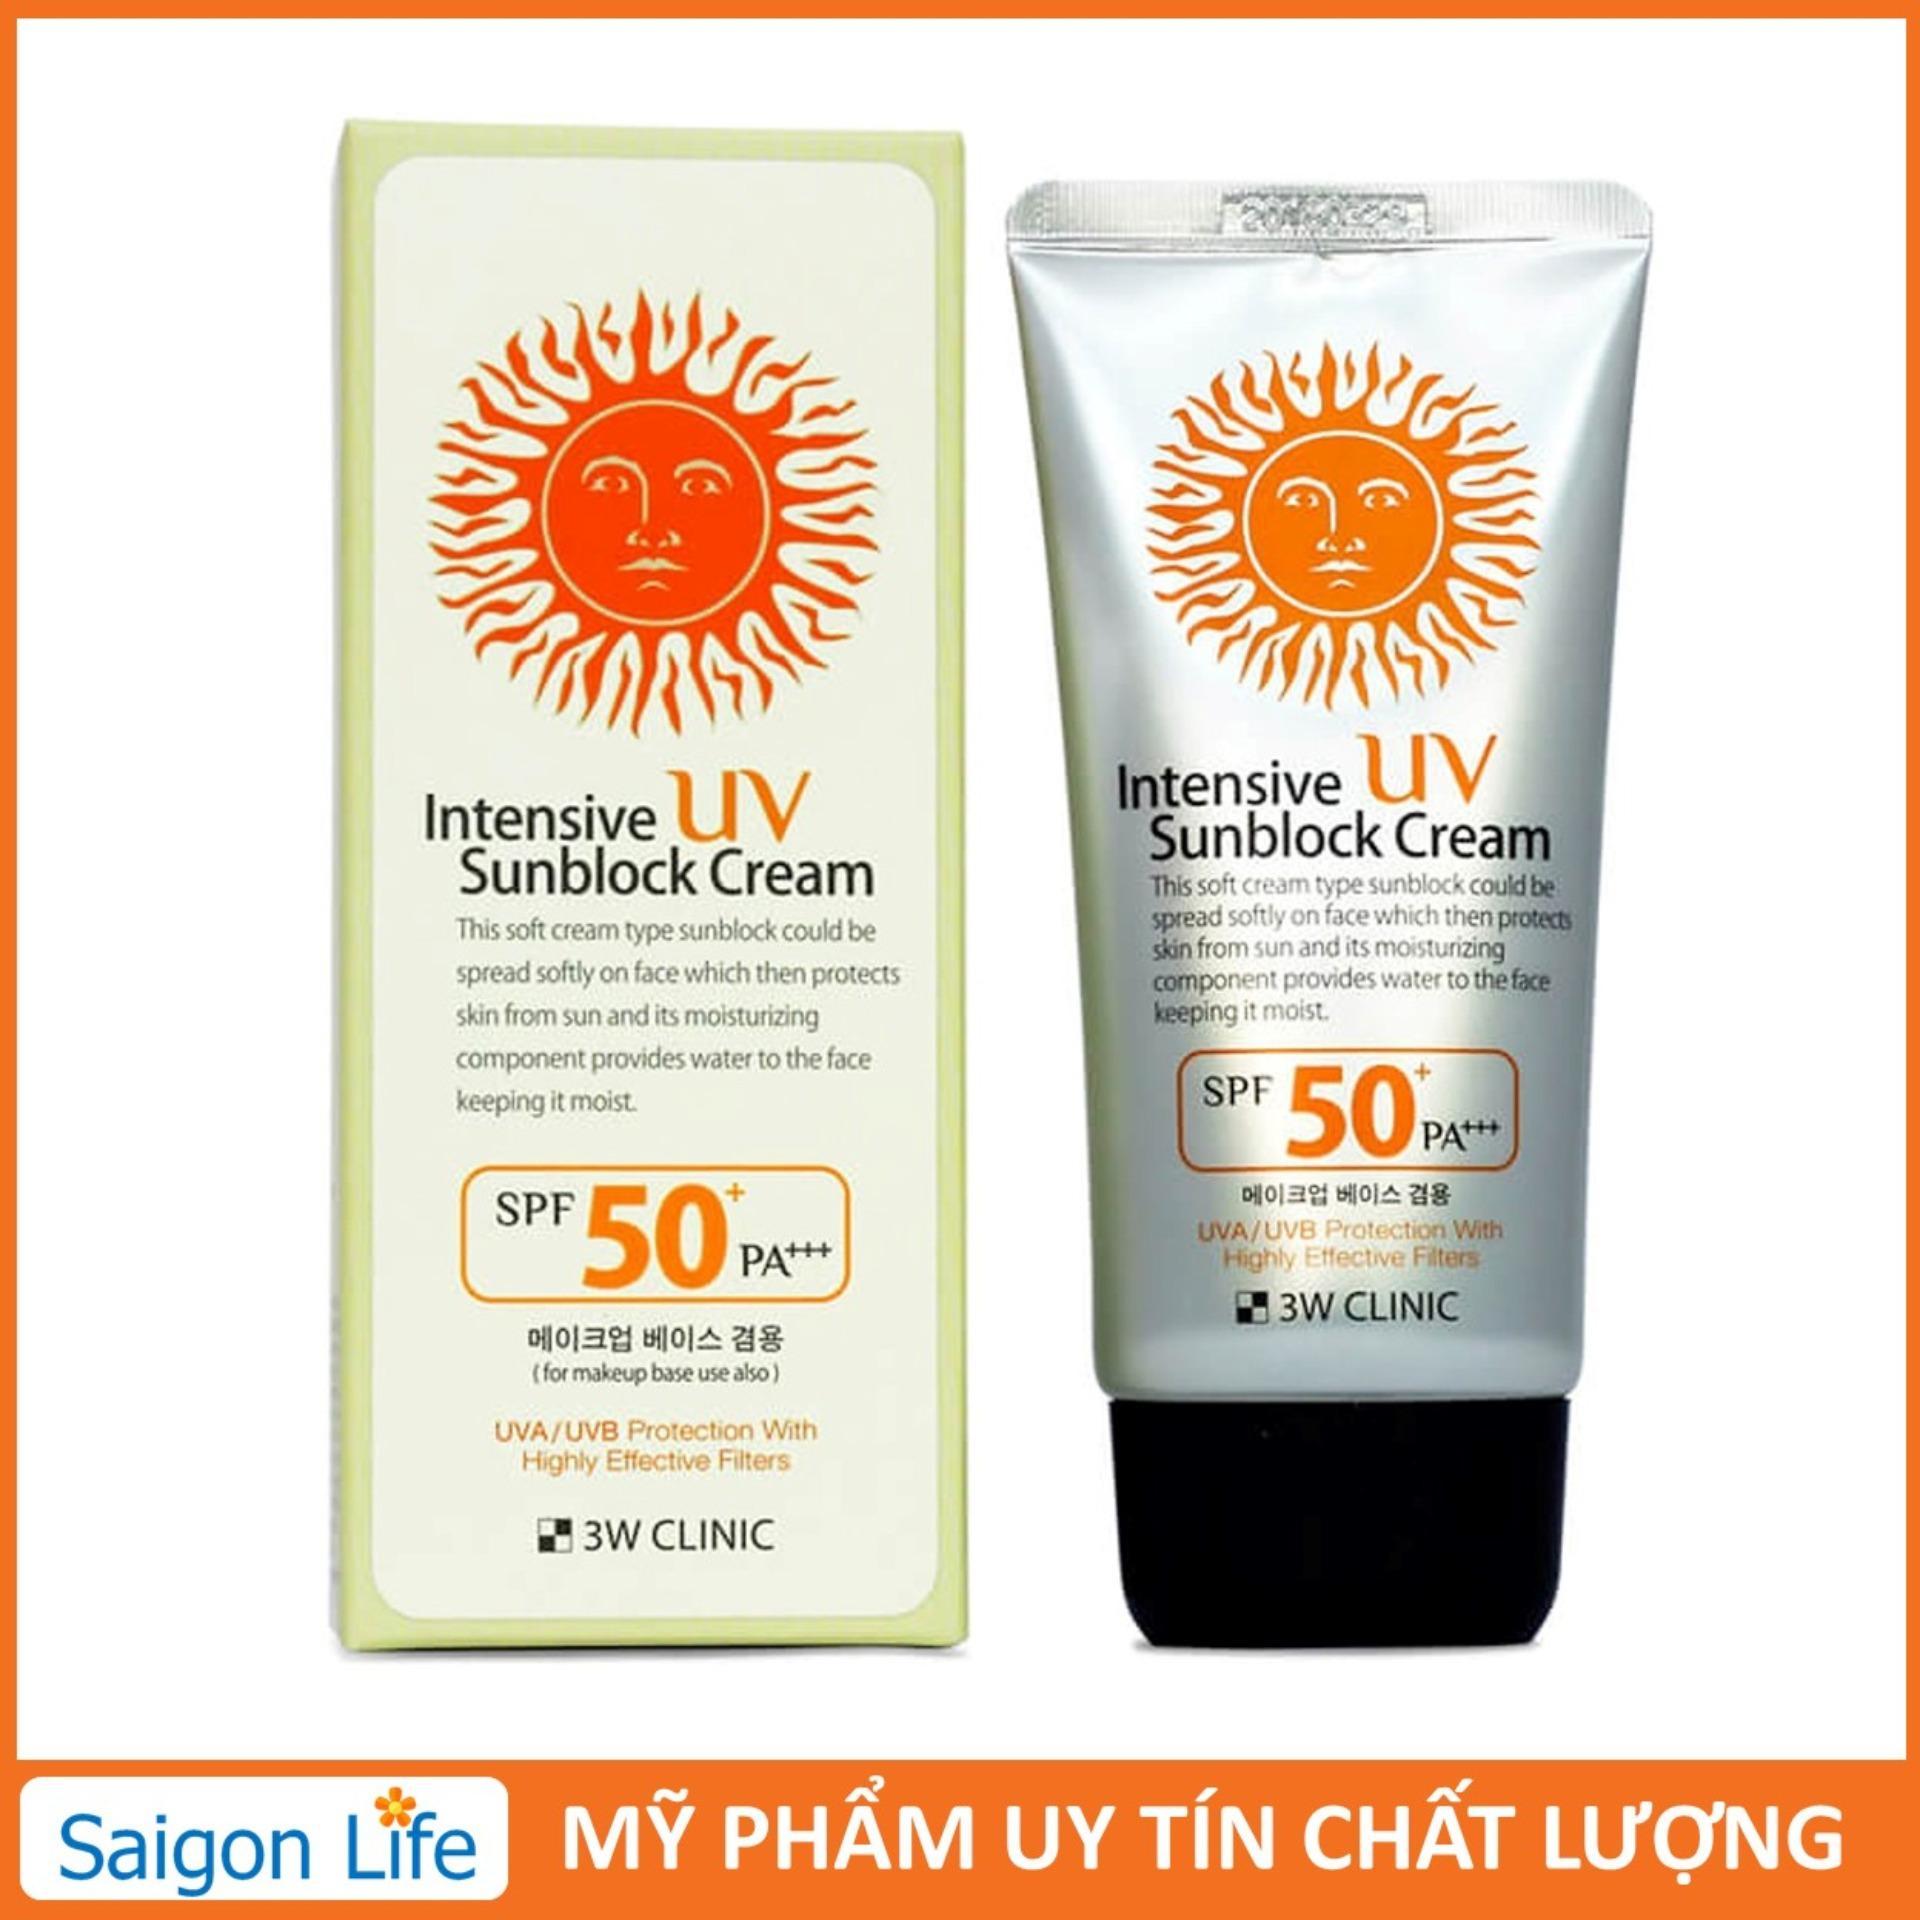 [Siêu Hot] Kem chống nắng 3W Clinic UV Sunblock Cream SPF 50+ PA+++ 70 ml nhập khẩu